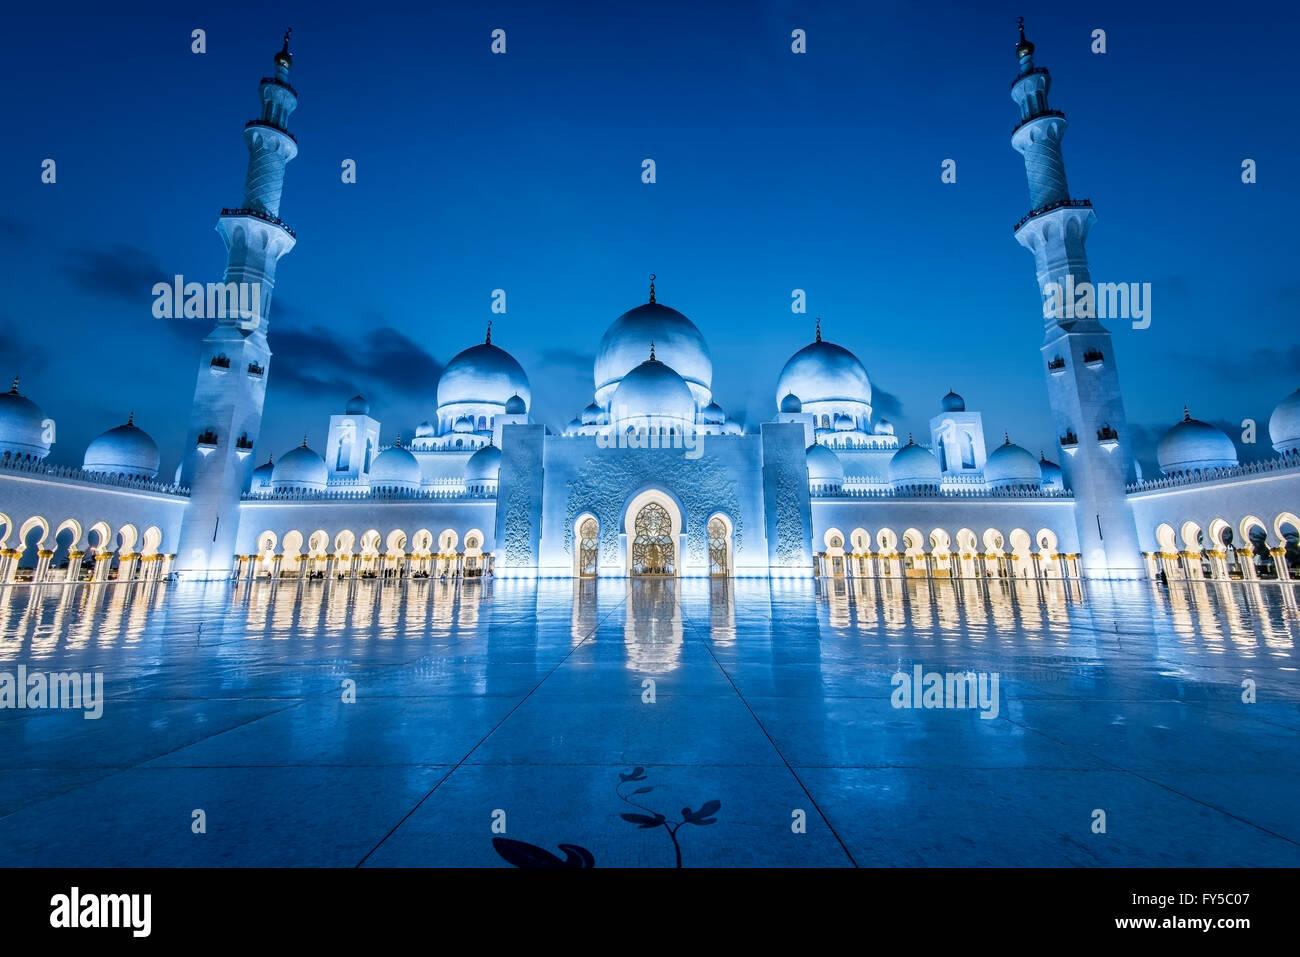 Grande Mosquée de Sheikh Zayed, Abu Dhabi, la plus grande mosquée de l'Emirats Arabes Unis Banque D'Images